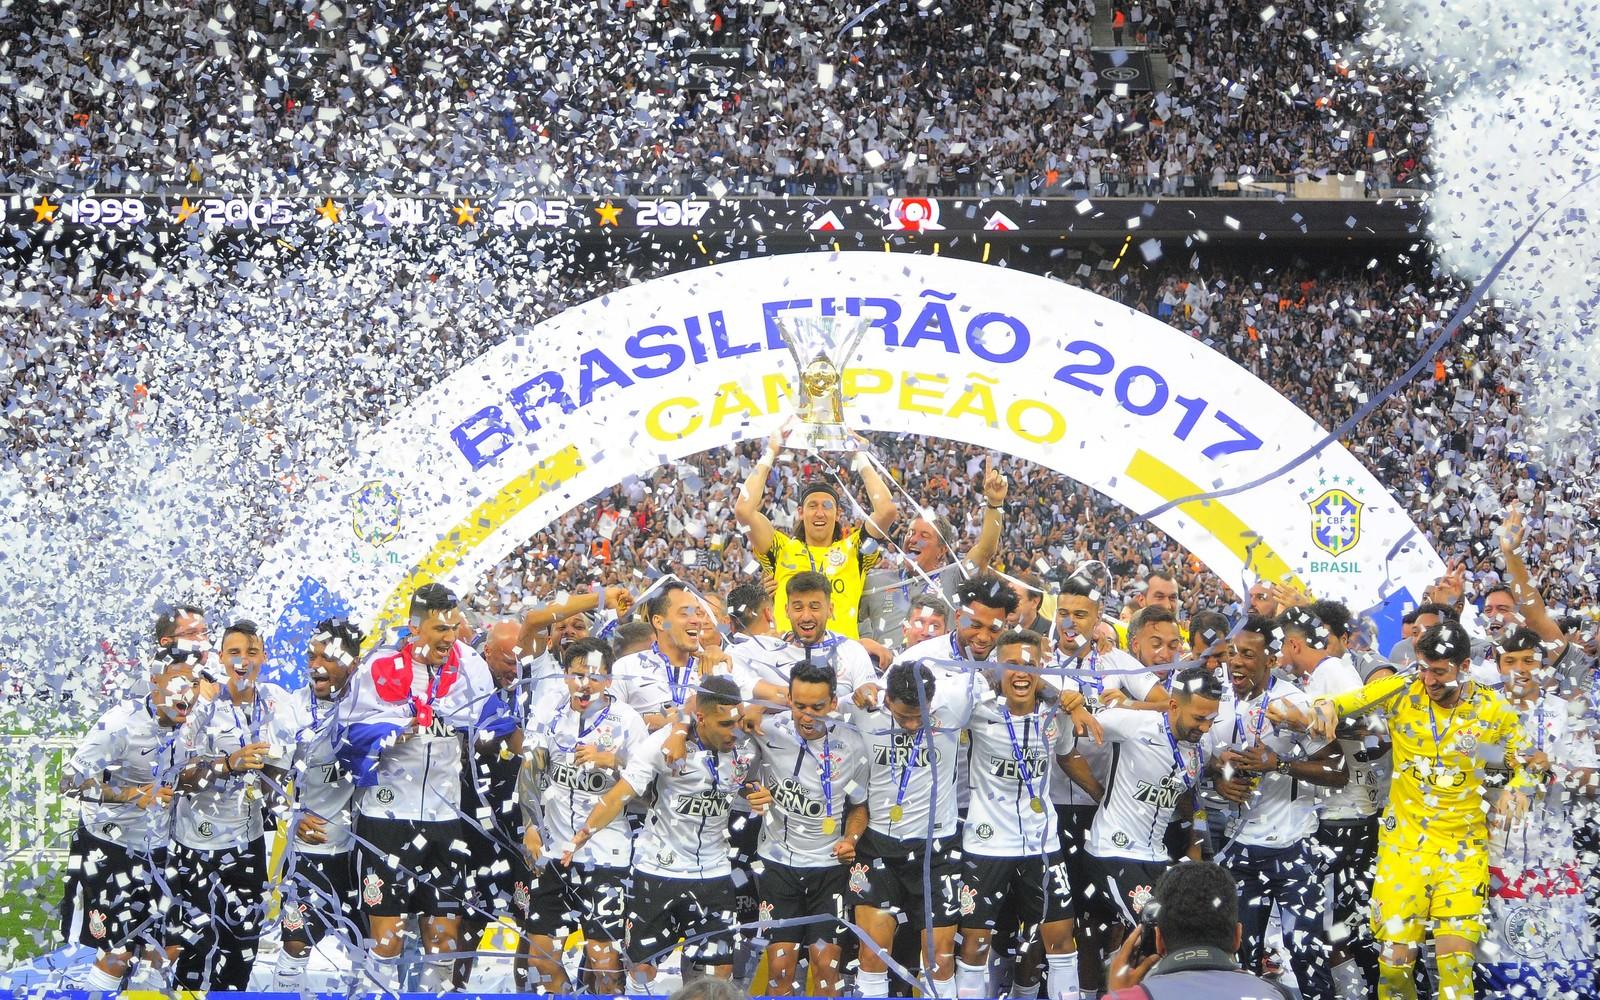 4e132203ad O Corinthians confirma já ter recebido da CBF os R  18 milhões de premiação  por conta do título do Campeonato Brasileiro de 2017. Porém